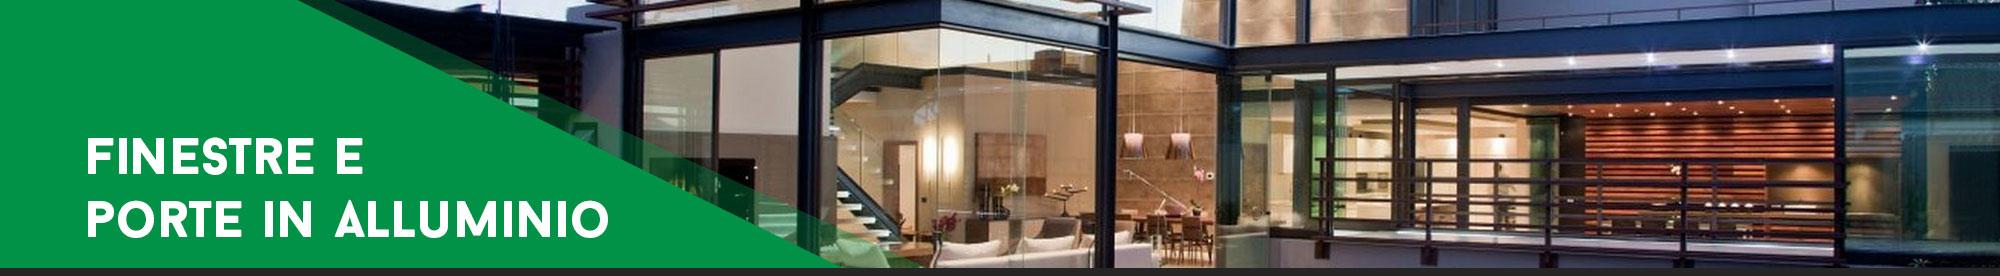 Finestre e porte in alluminio desa fenster - Coibentazione davanzali finestre ...